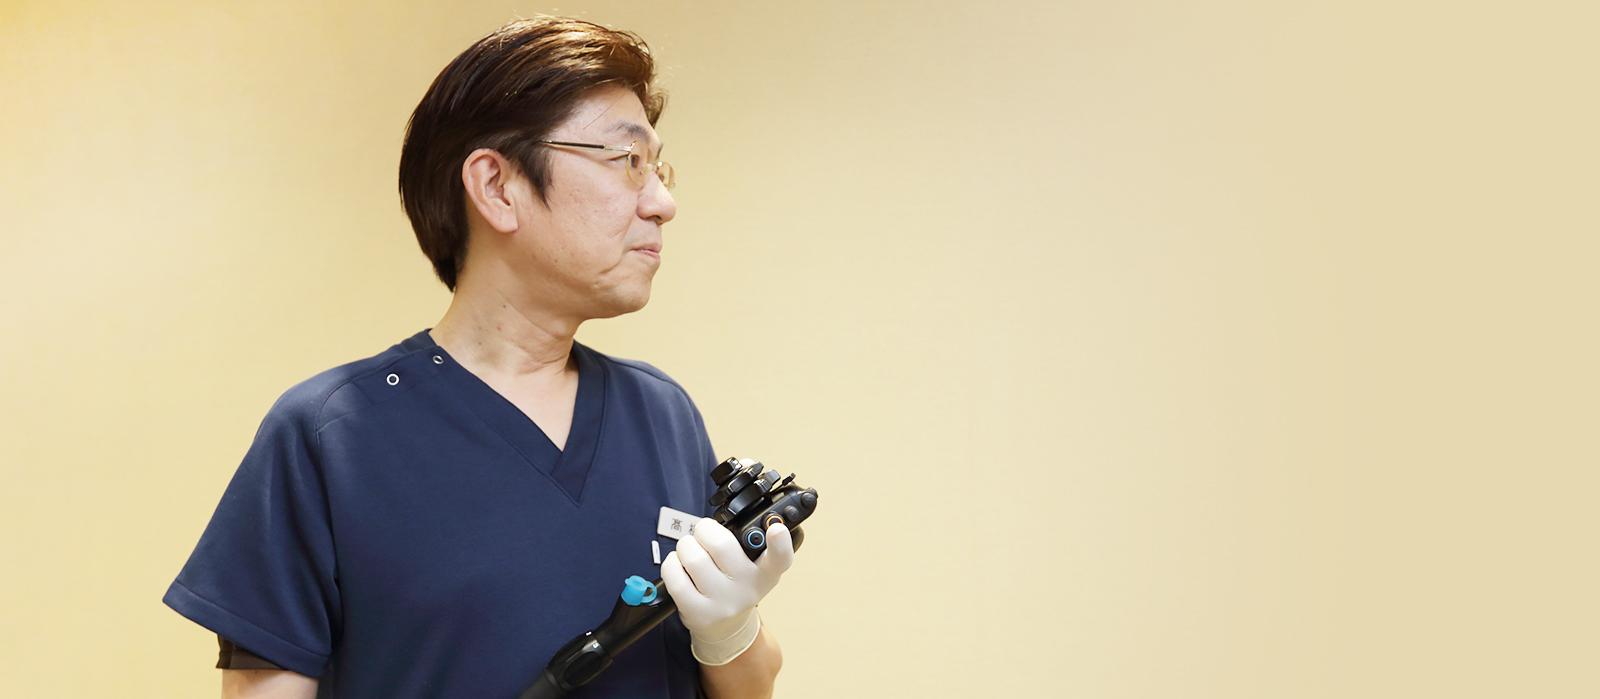 2人の専門医によるがん検査 院内に内視鏡やCT検査装置あり。がんや病気の早期発見・早期治療につとめています。